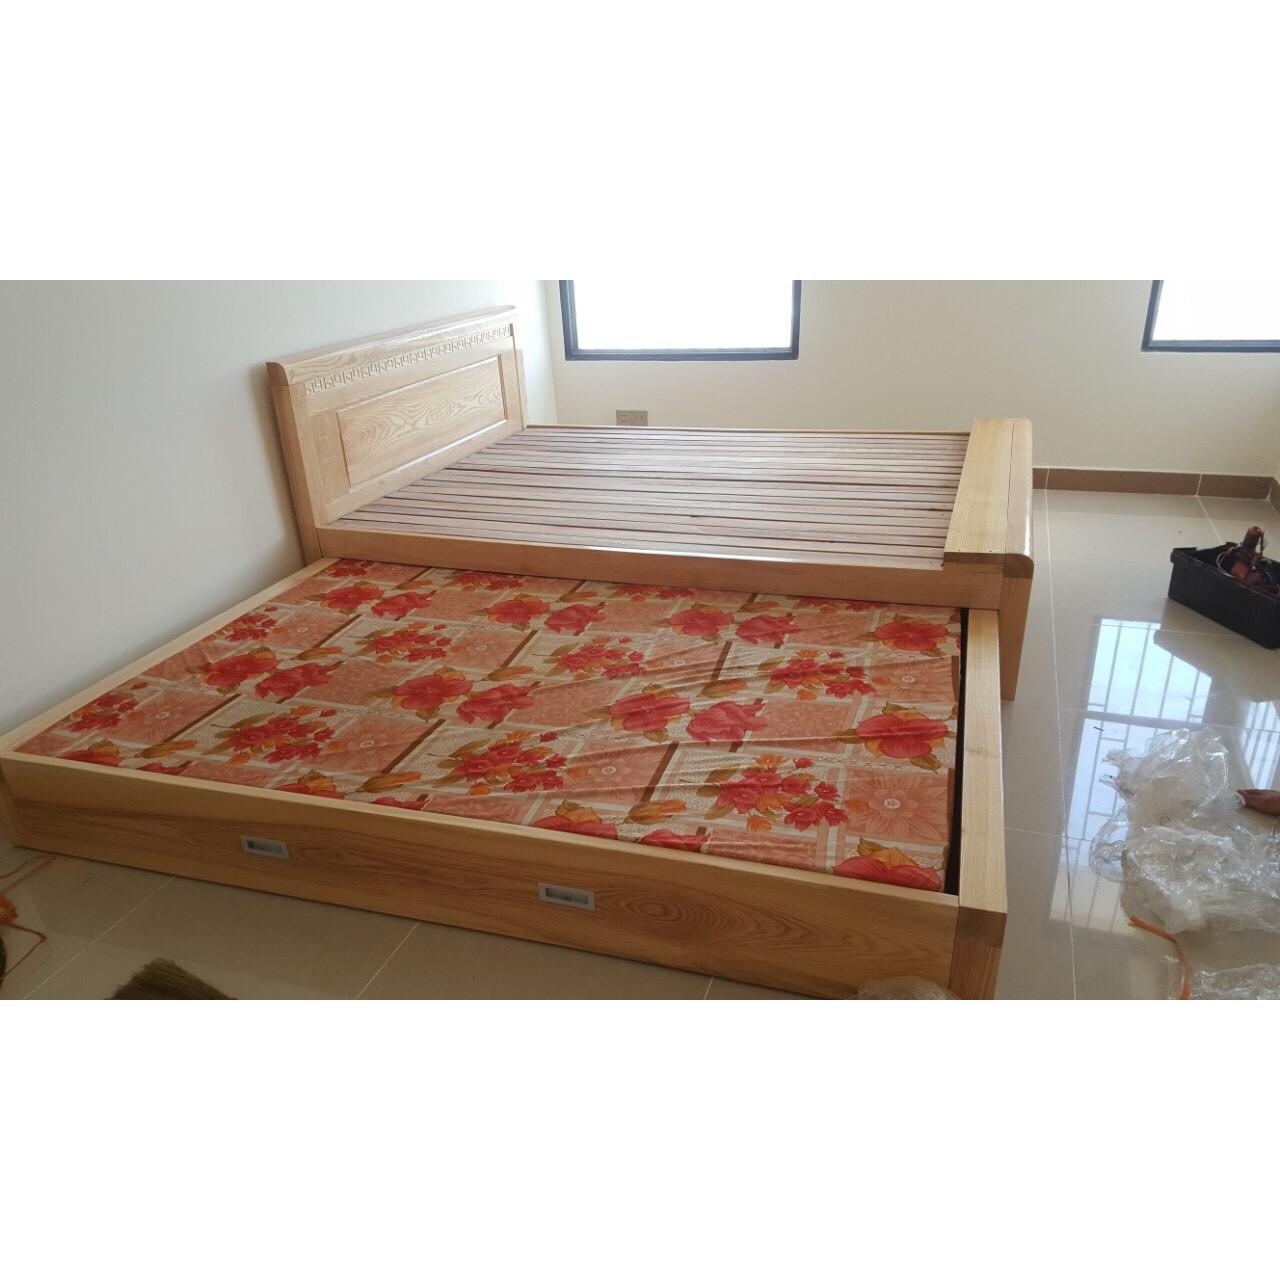 giường tầng kéo gỗ sồi tiết kiệm không gian MS A55